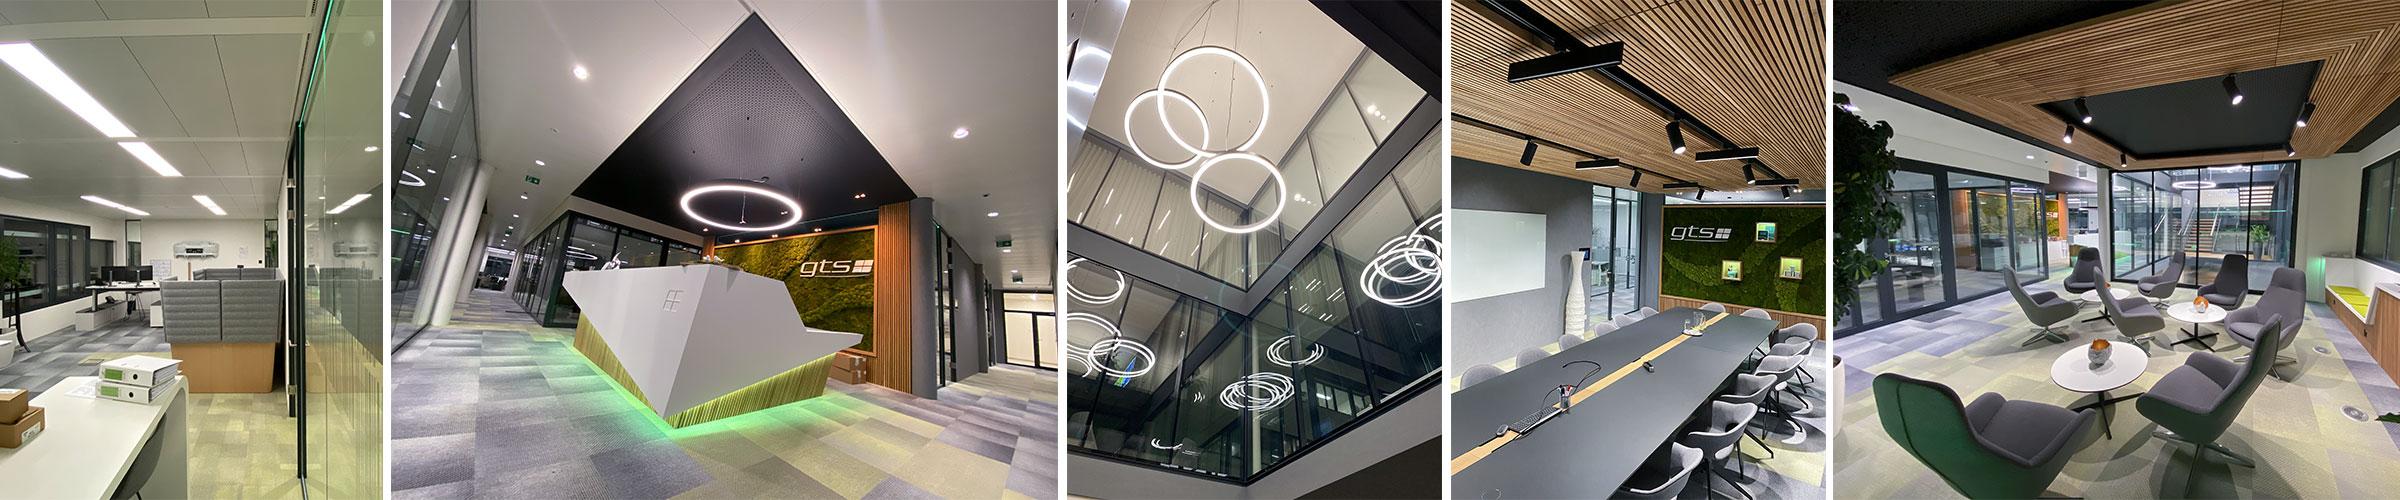 SML LED Office Base Bad Vöslau mit Tunable White Leuchten